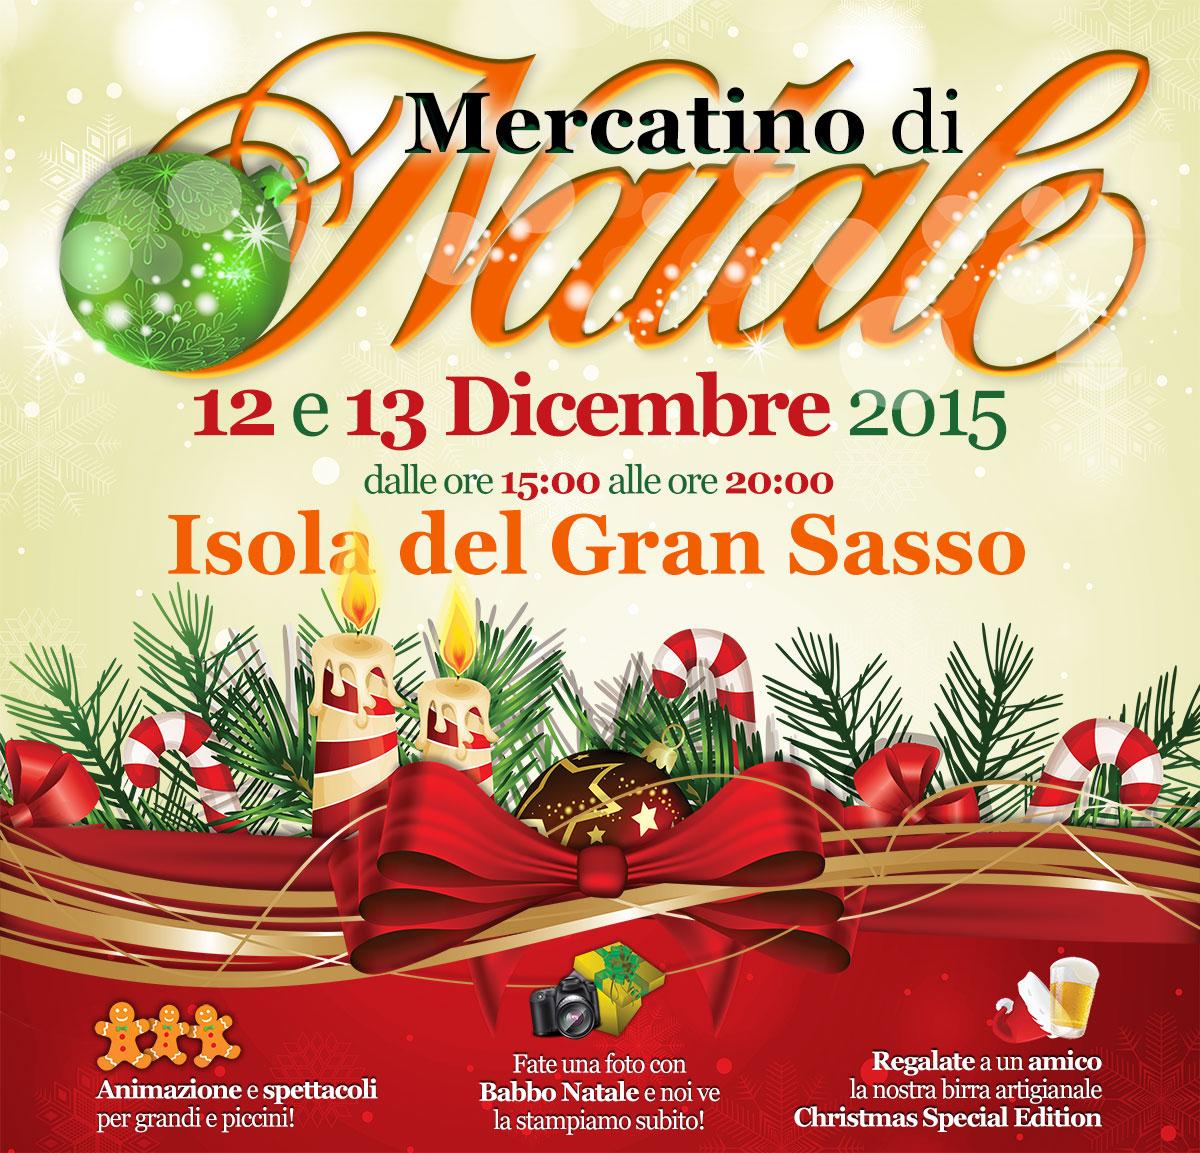 Mercatino di Natale, 12 e 13 Dicembre a Isola del Gran Sasso